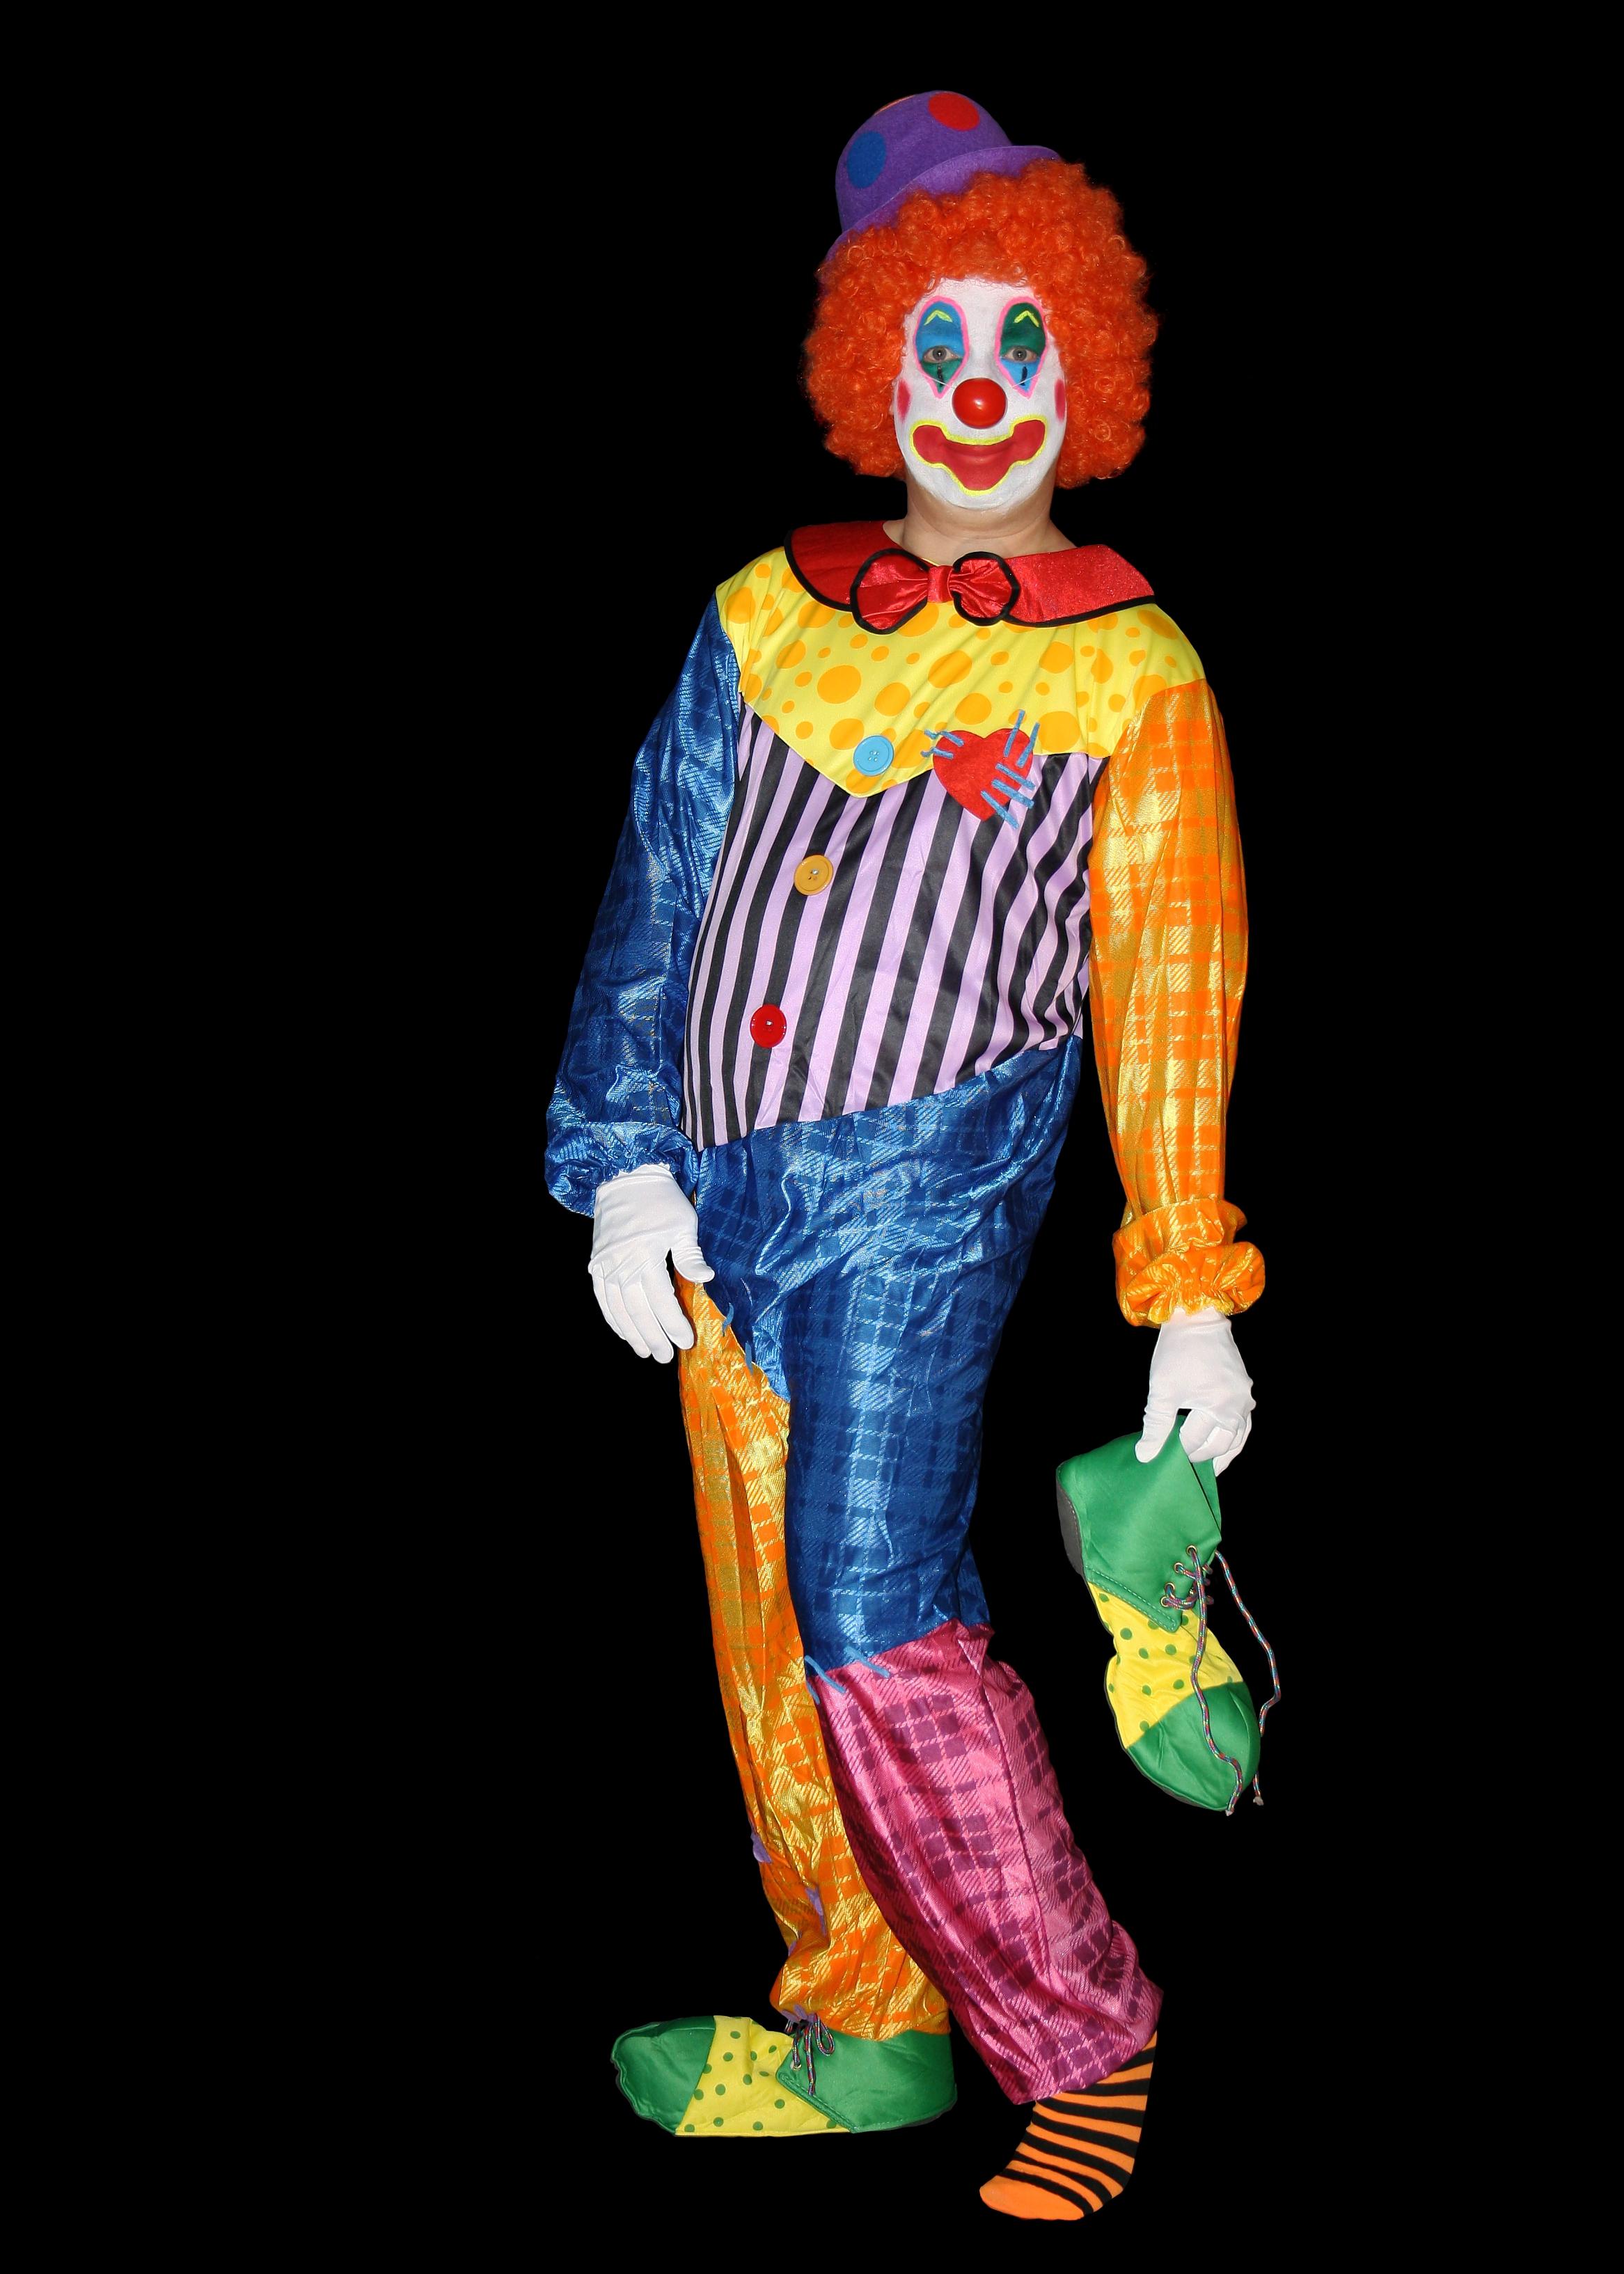 Clown Background, Clown Background